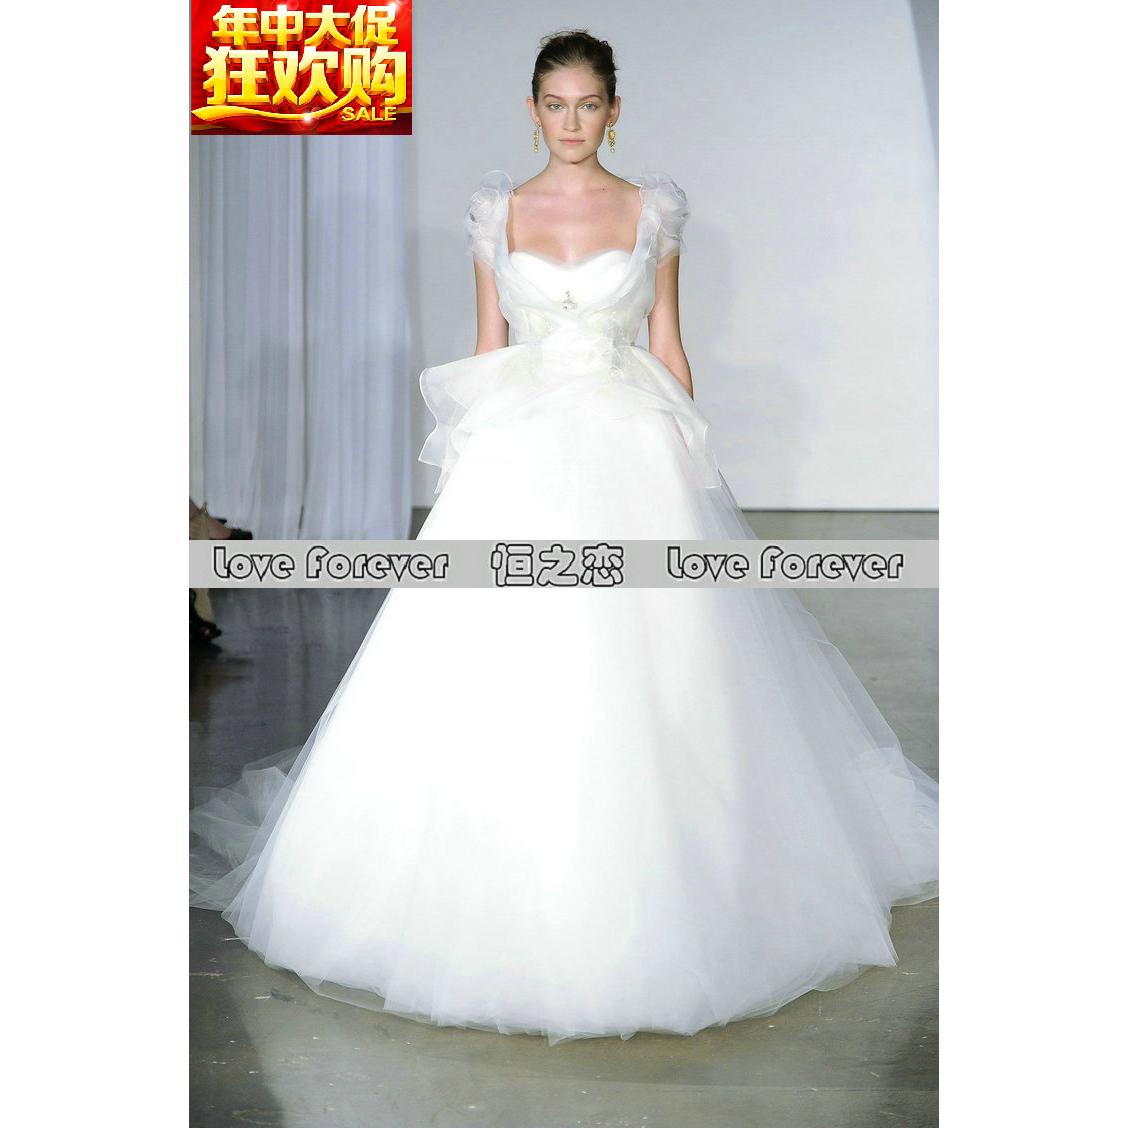 时尚优雅A字裙2015新款Marchesa 新娘结婚礼精品主婚纱淘金币抵现